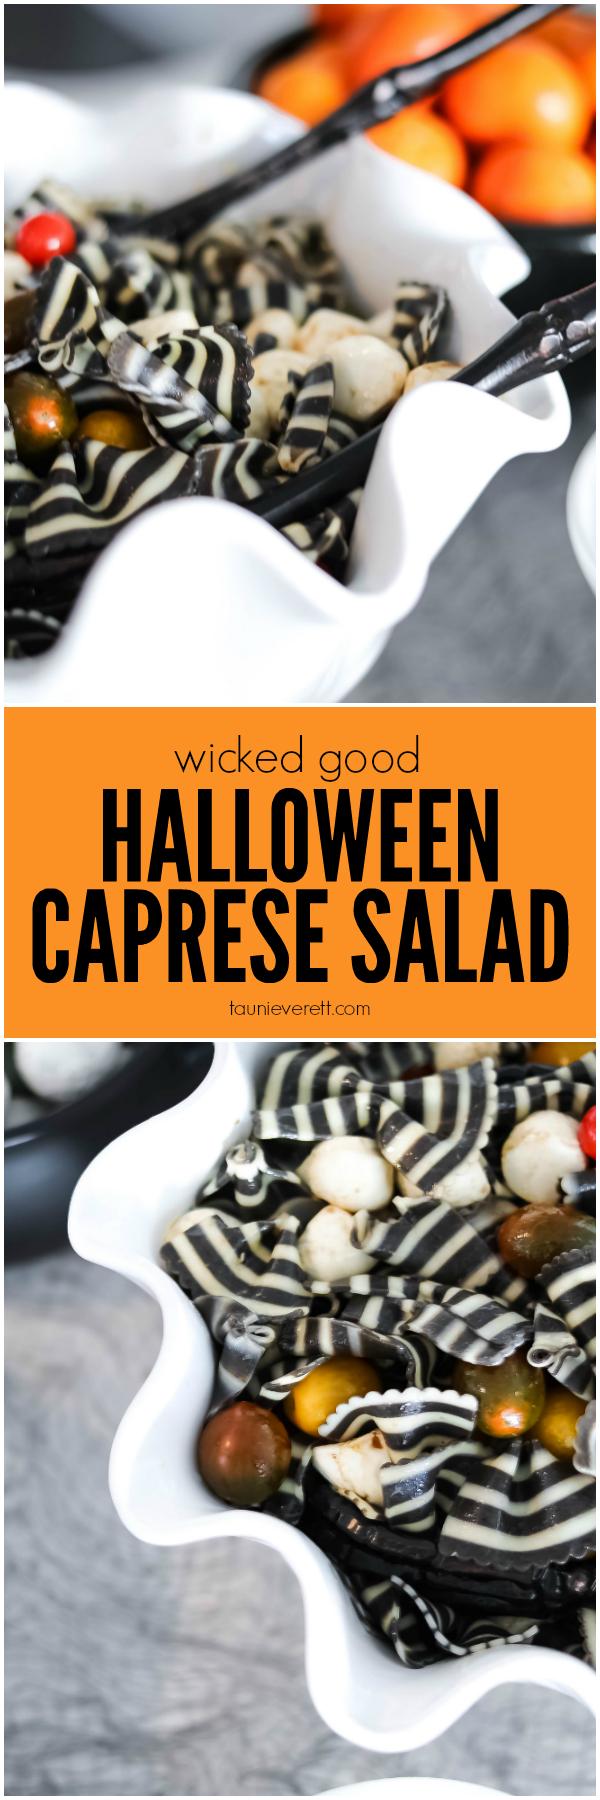 Halloween Caprese Salad